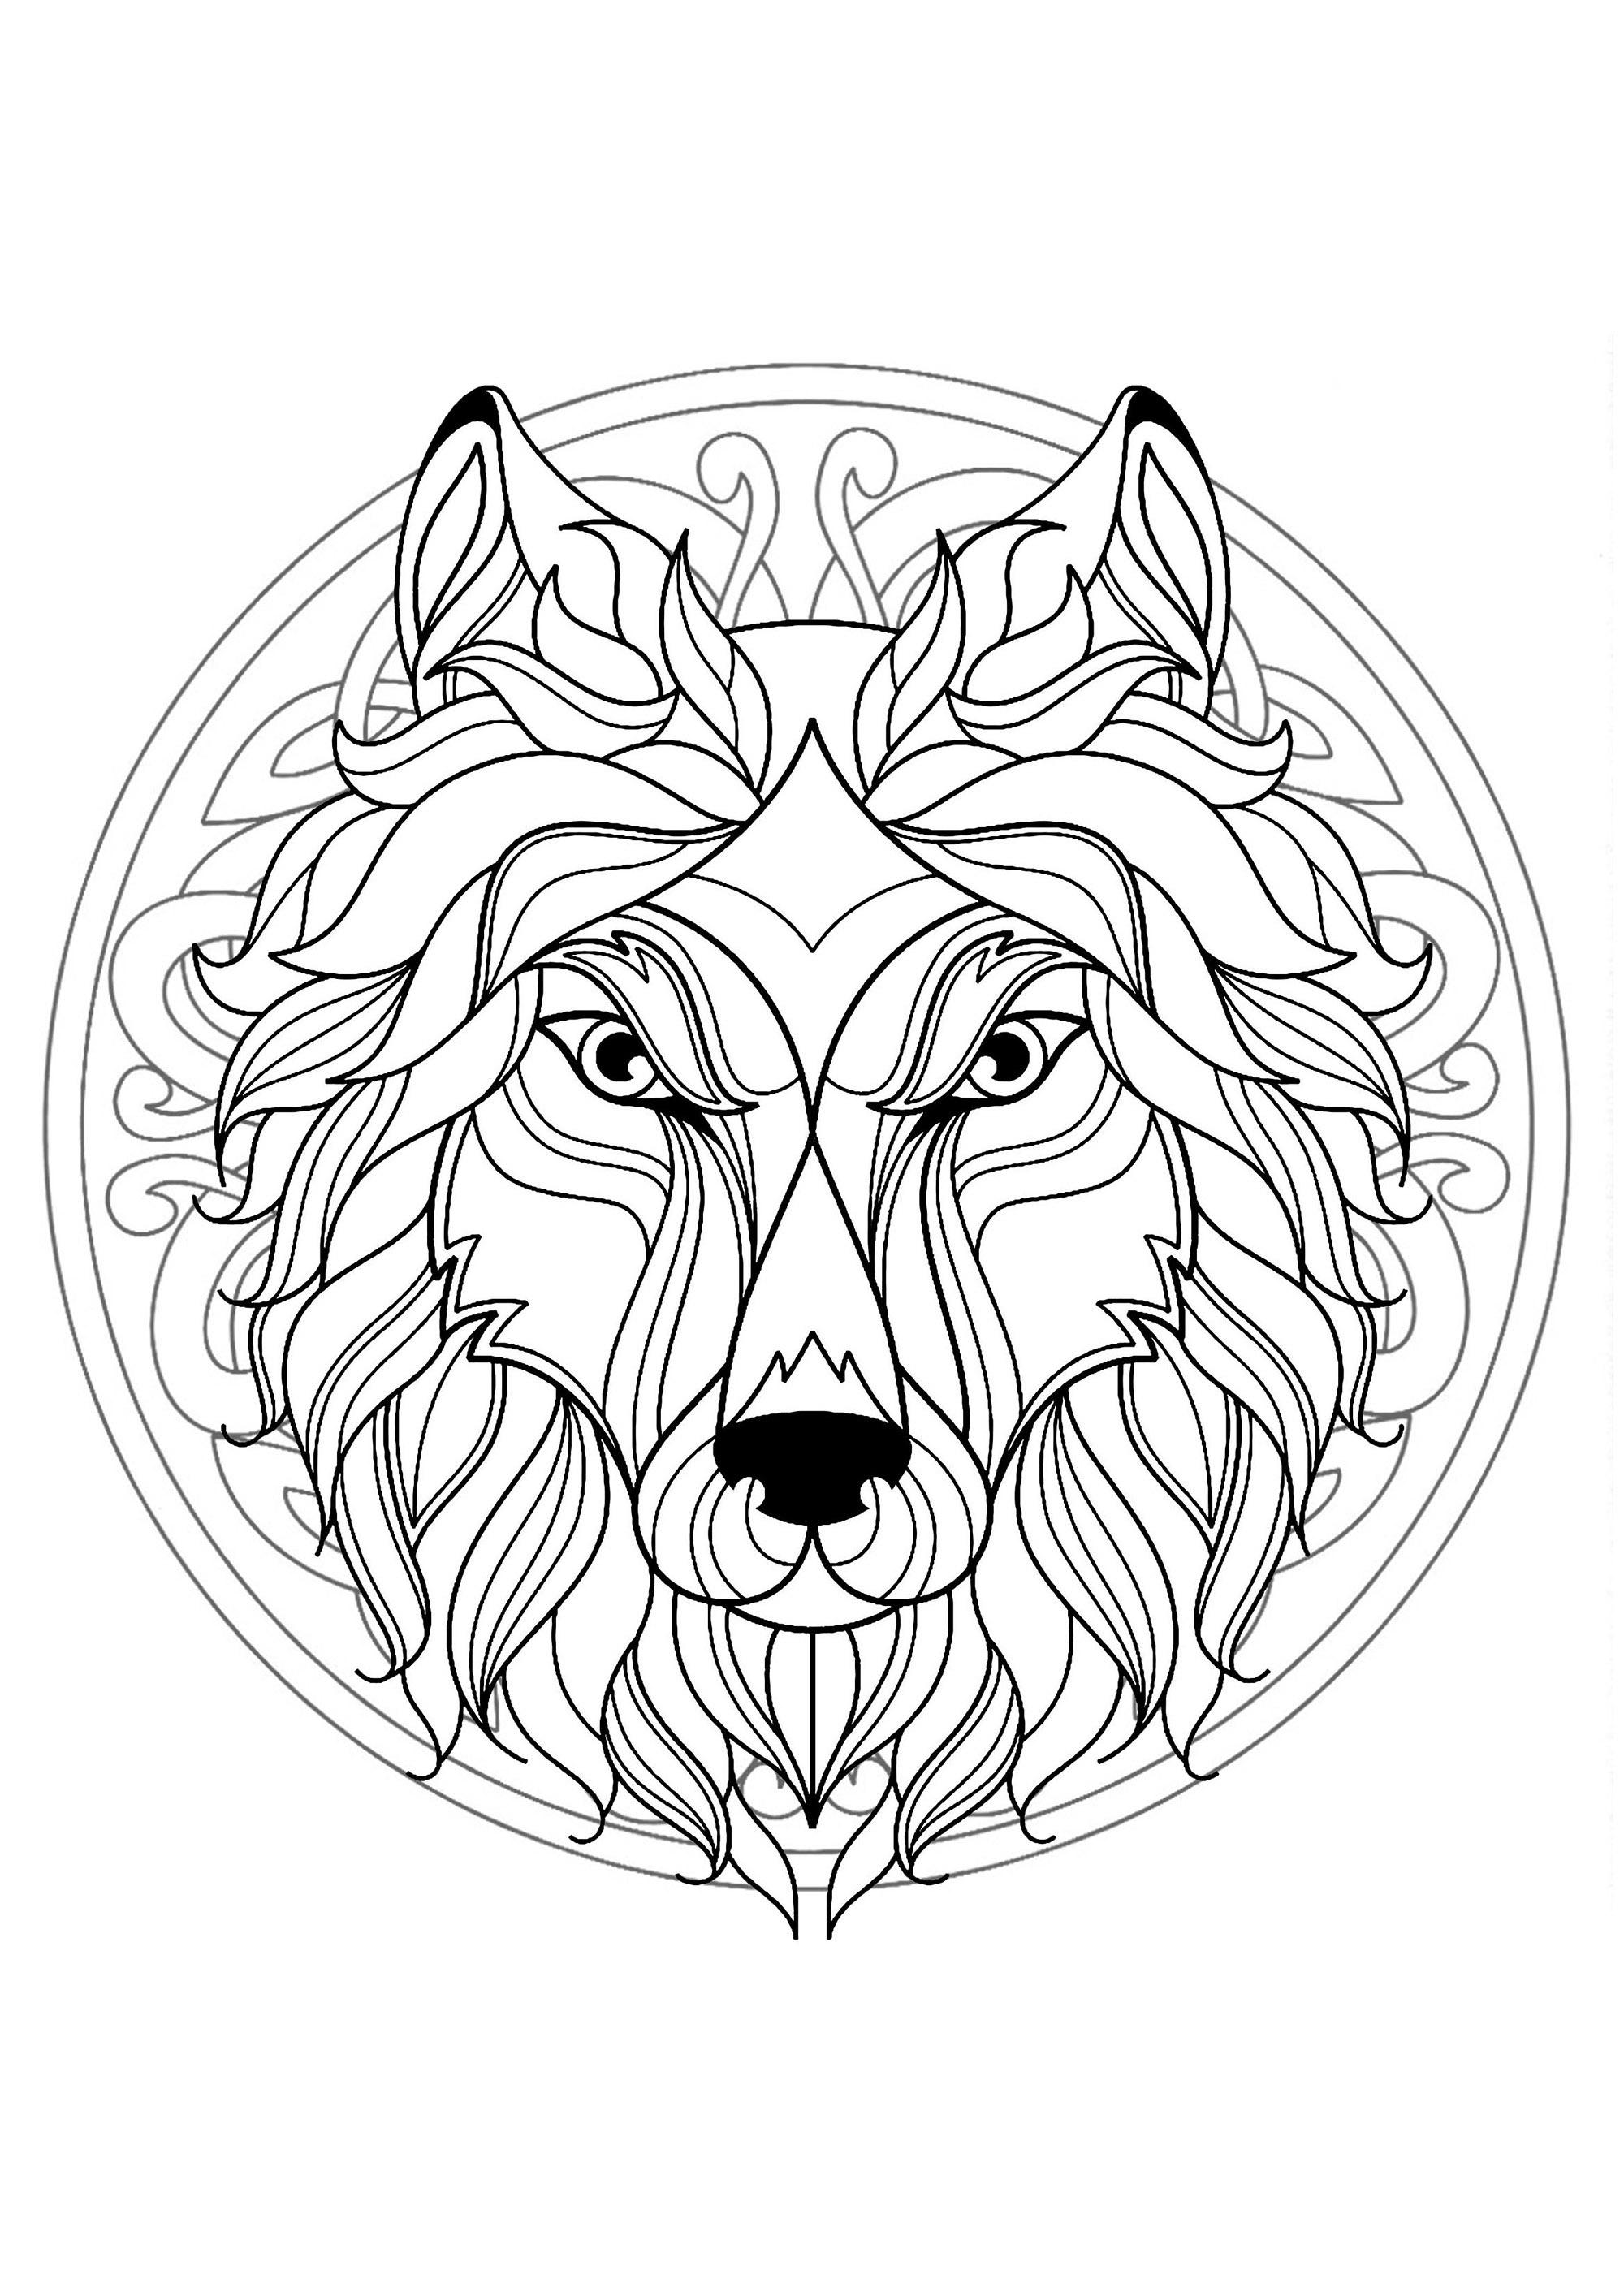 Mandala gratuit tete loup coloriage mandalas - Coloriage mandala enfants ...